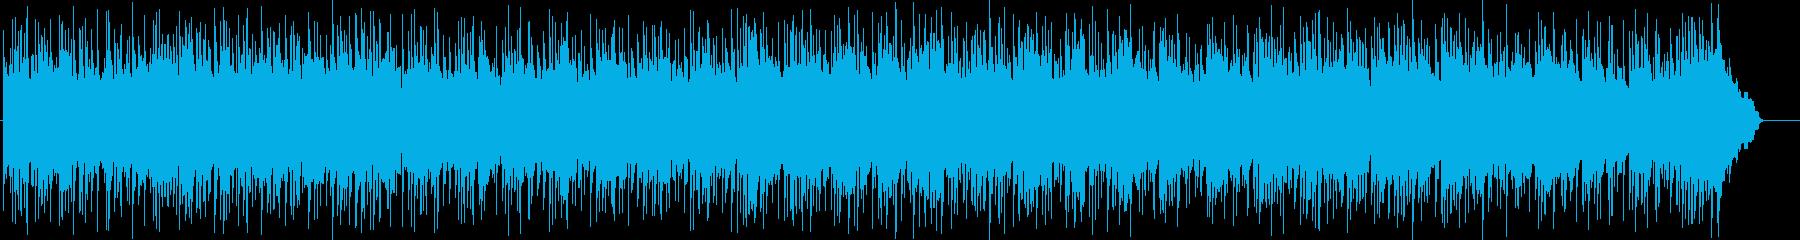 ゆったりと温泉に浸かるような和風BGMの再生済みの波形